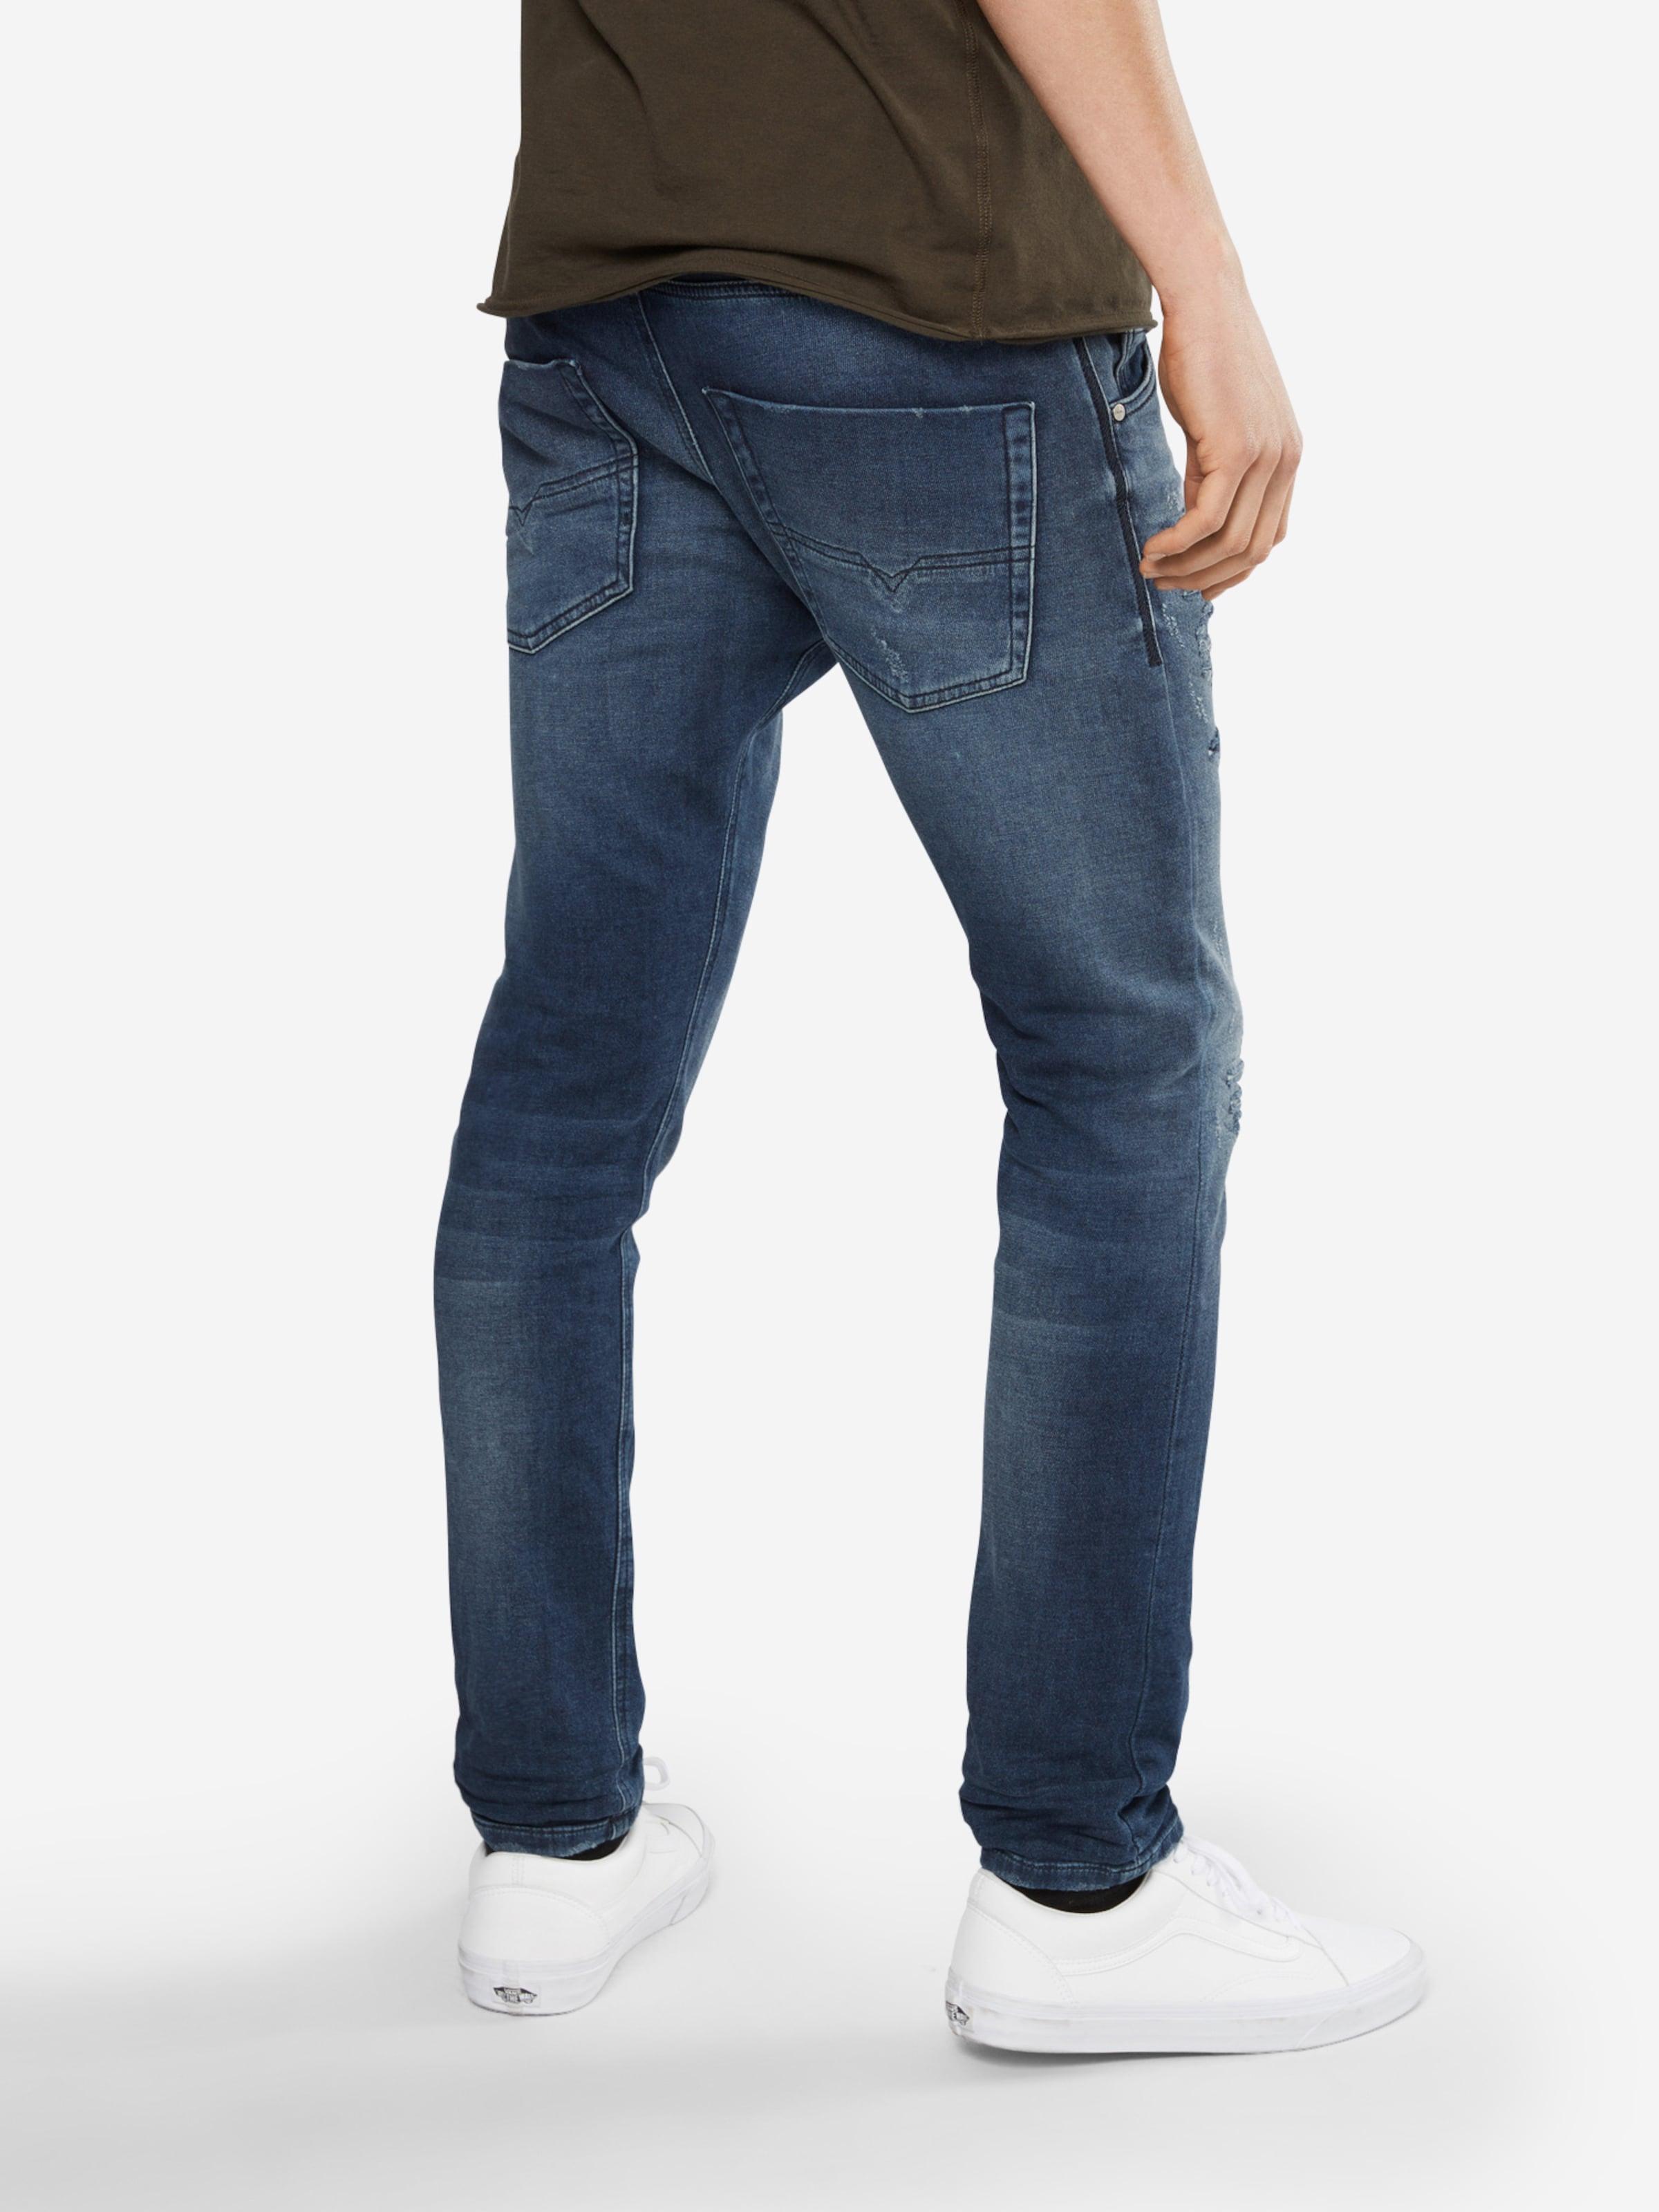 Kaufen Günstigen Preis DIESEL Jogg-Jeans 'Krolley R-Ne' Webseite Zum Verkauf Footaction Günstiger Preis Outlet Online Bestellen Perfekt Günstiger Preis 0OXFKo